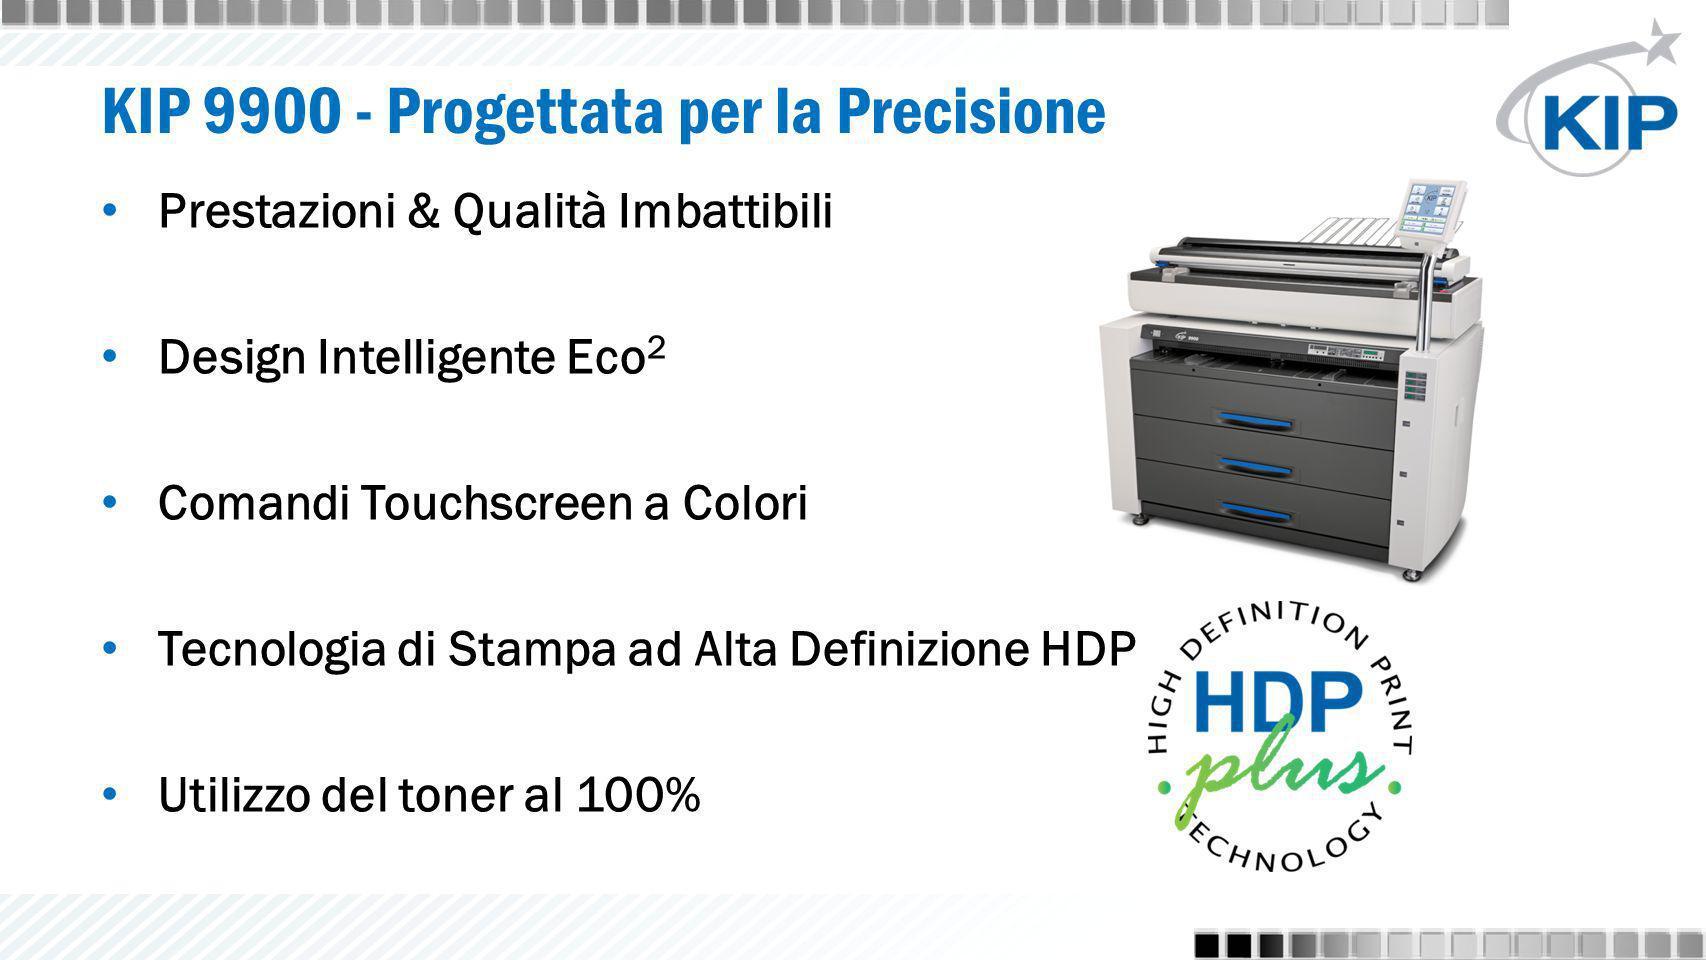 KIP 9900 - Progettata per la Precisione Prestazioni & Qualità Imbattibili Design Intelligente Eco 2 Comandi Touchscreen a Colori Tecnologia di Stampa ad Alta Definizione HDP Utilizzo del toner al 100%